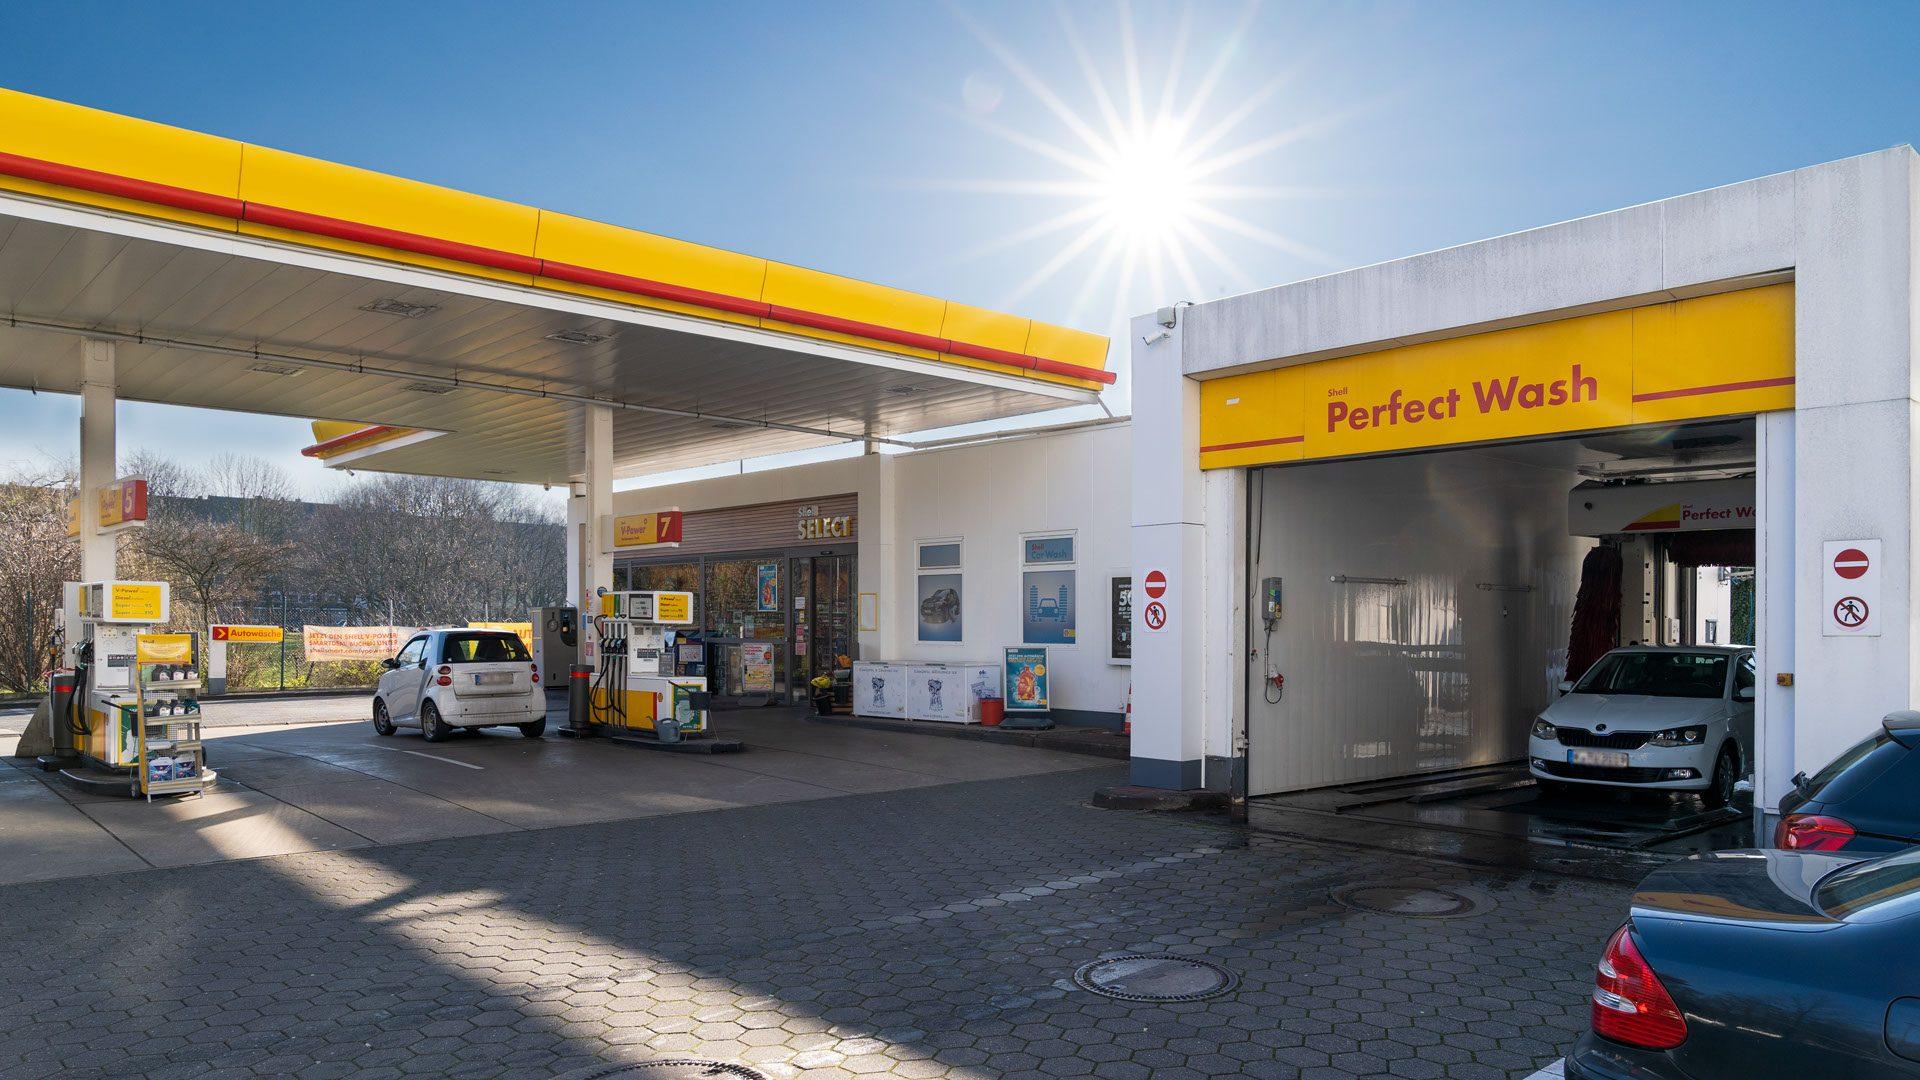 Shell Tankstelle Köln, Neusser Str. 153